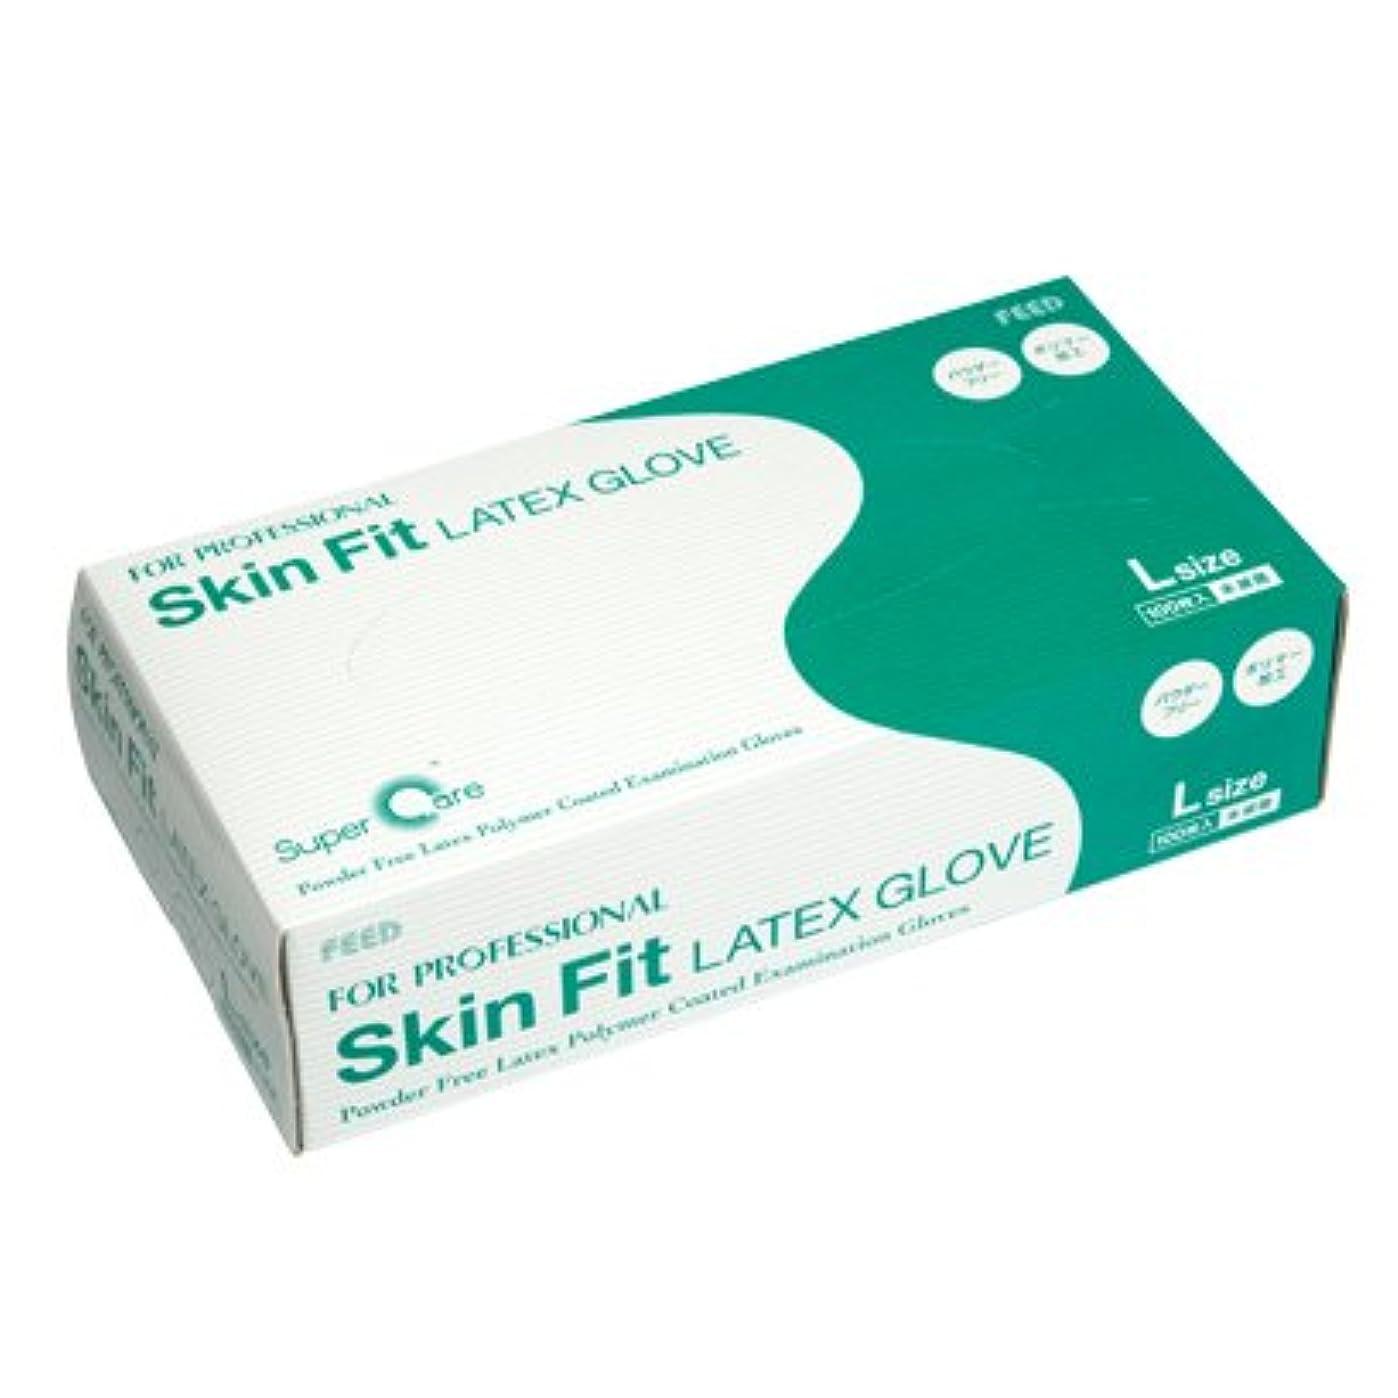 ぞっとするような橋広がりFEED(フィード) Skin Fit ラテックスグローブ パウダーフリー ポリマー加工 L カートン(100枚入×10ケース) (医療機器)